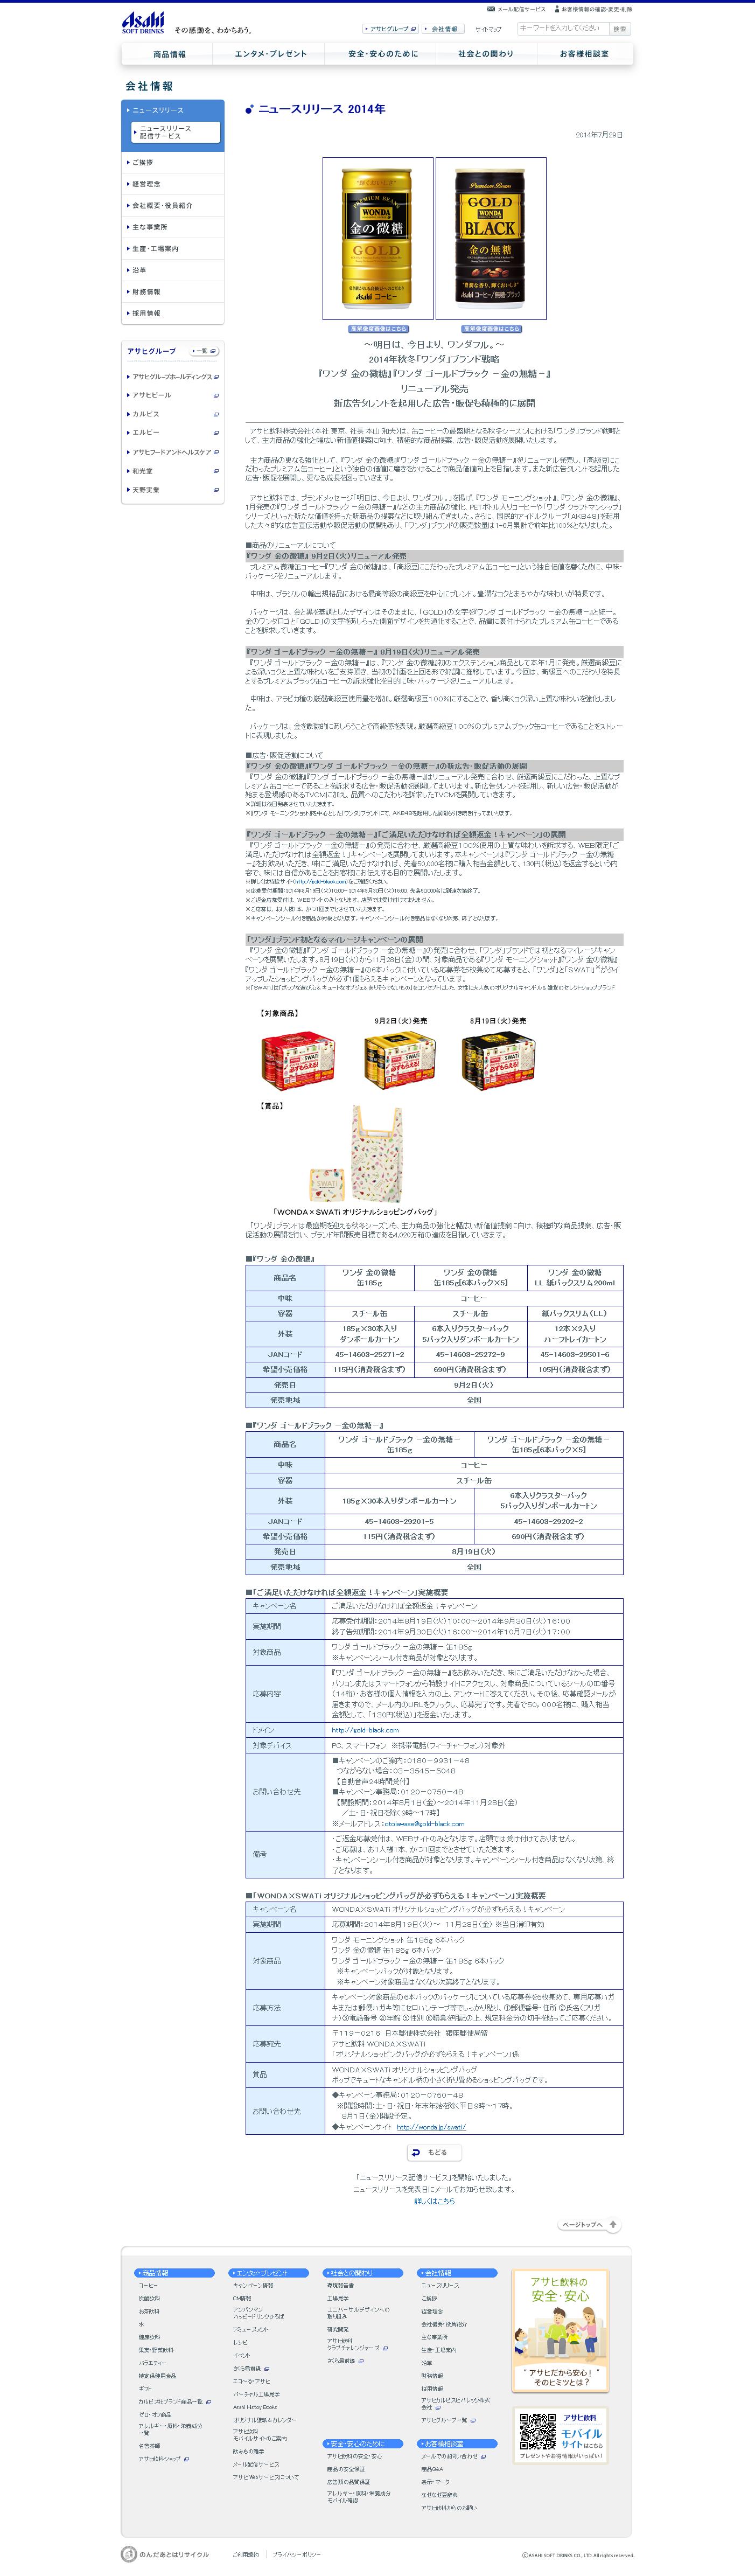 2014年秋冬「ワンダ」ブランド戦略|ニュースリリース 2014年|会社情報|アサヒ飲料 WONDA 金の微糖 ゴールドブラック